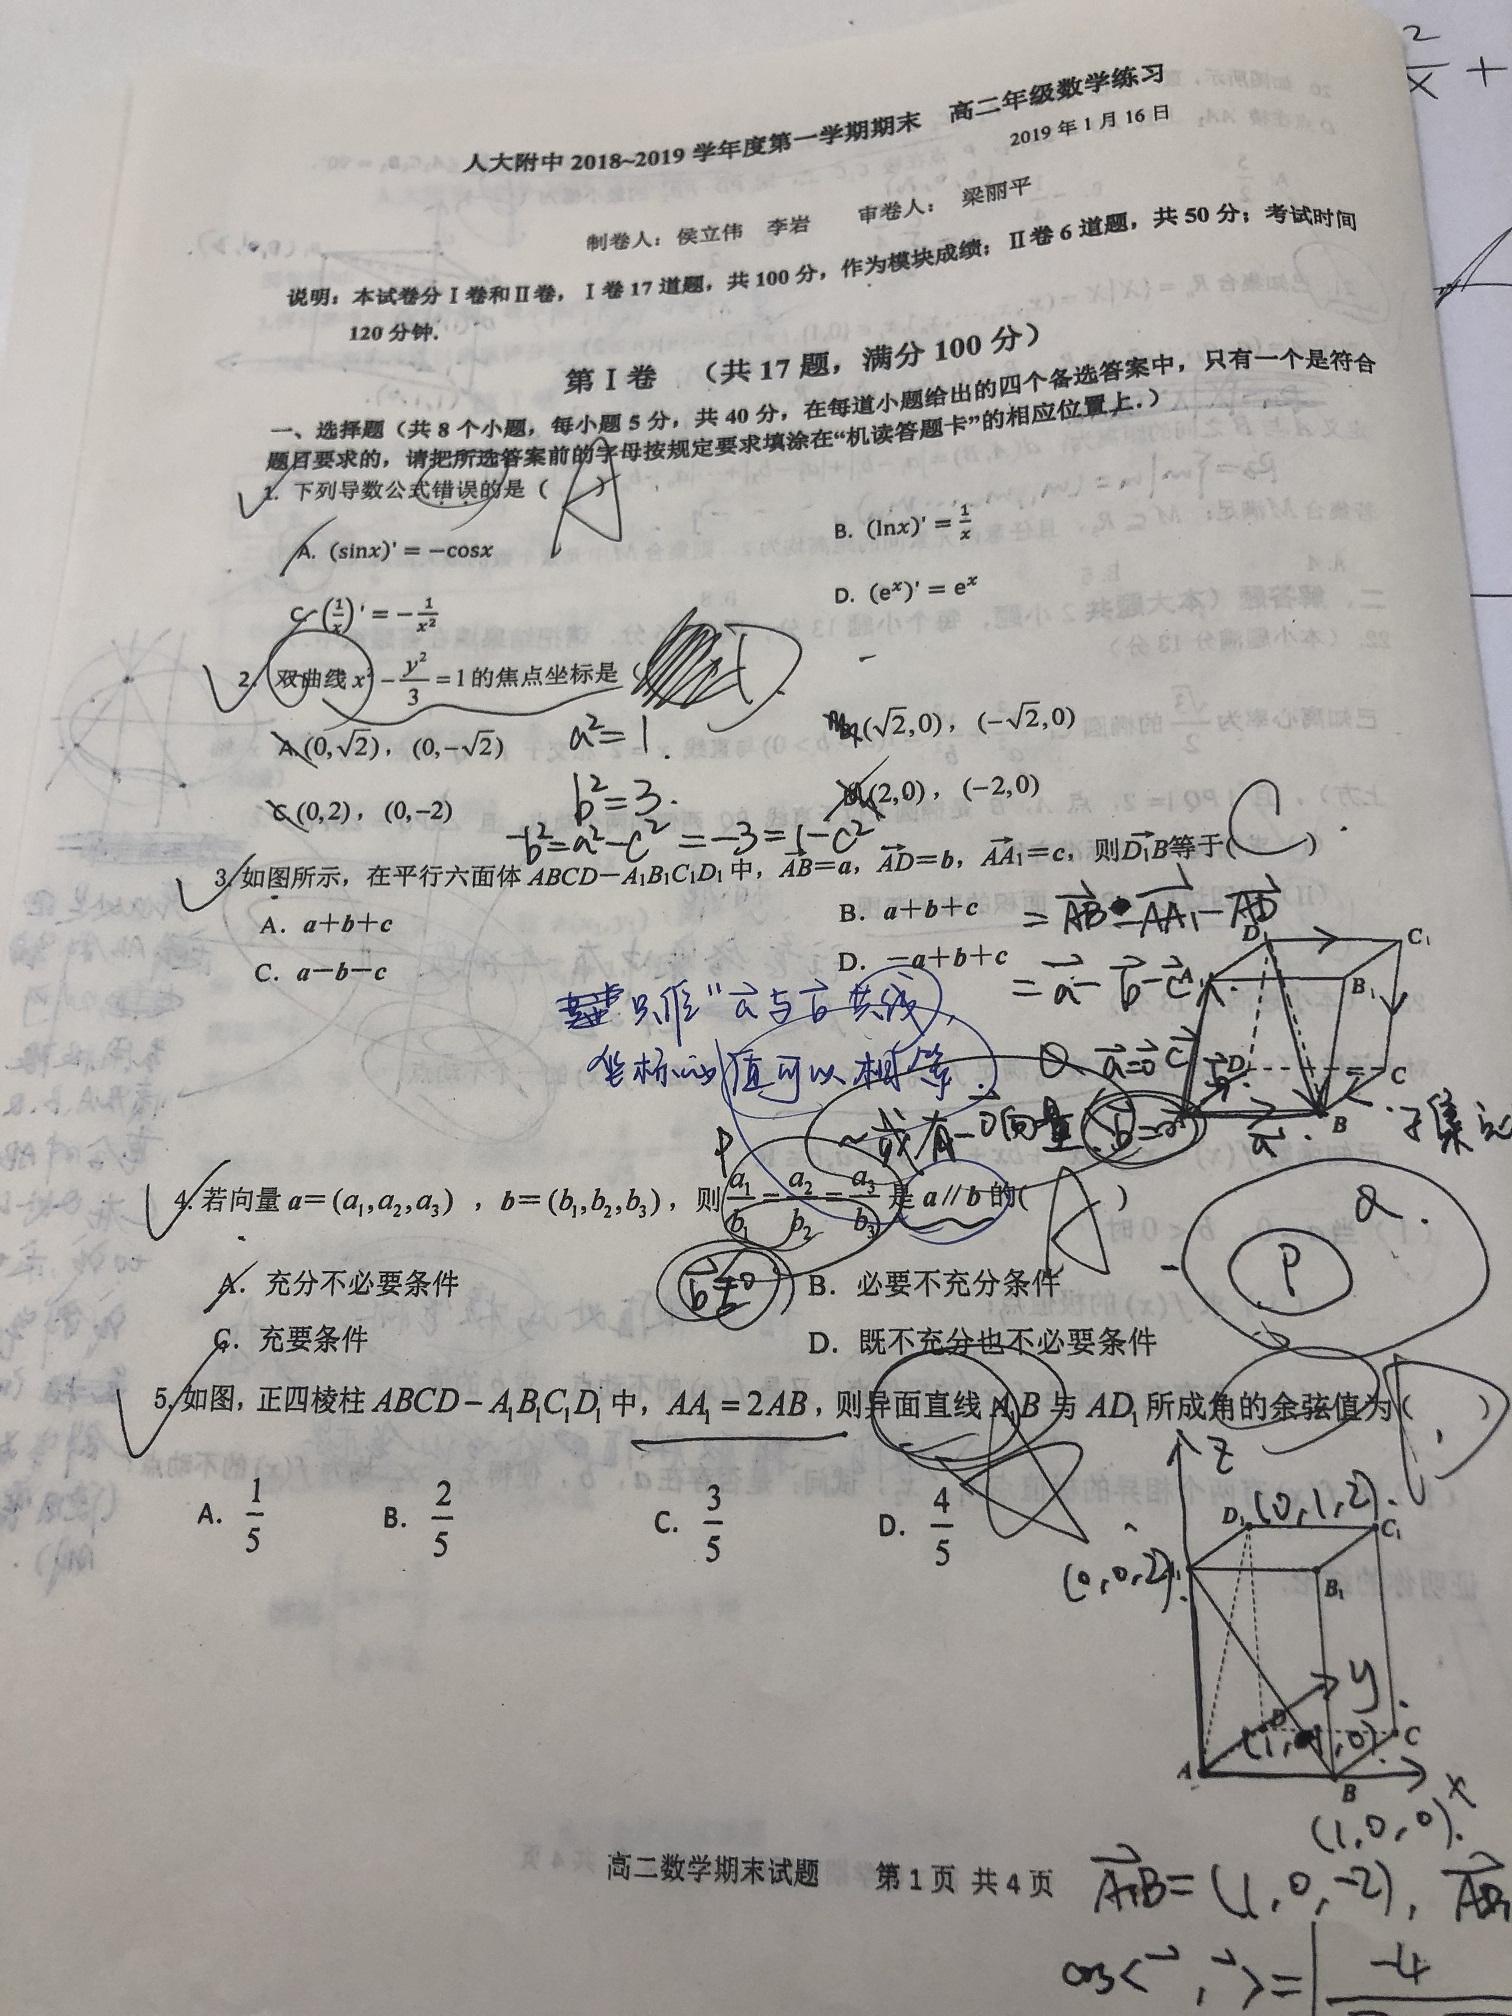 2018-2019人大附中高二期末考试数学真题